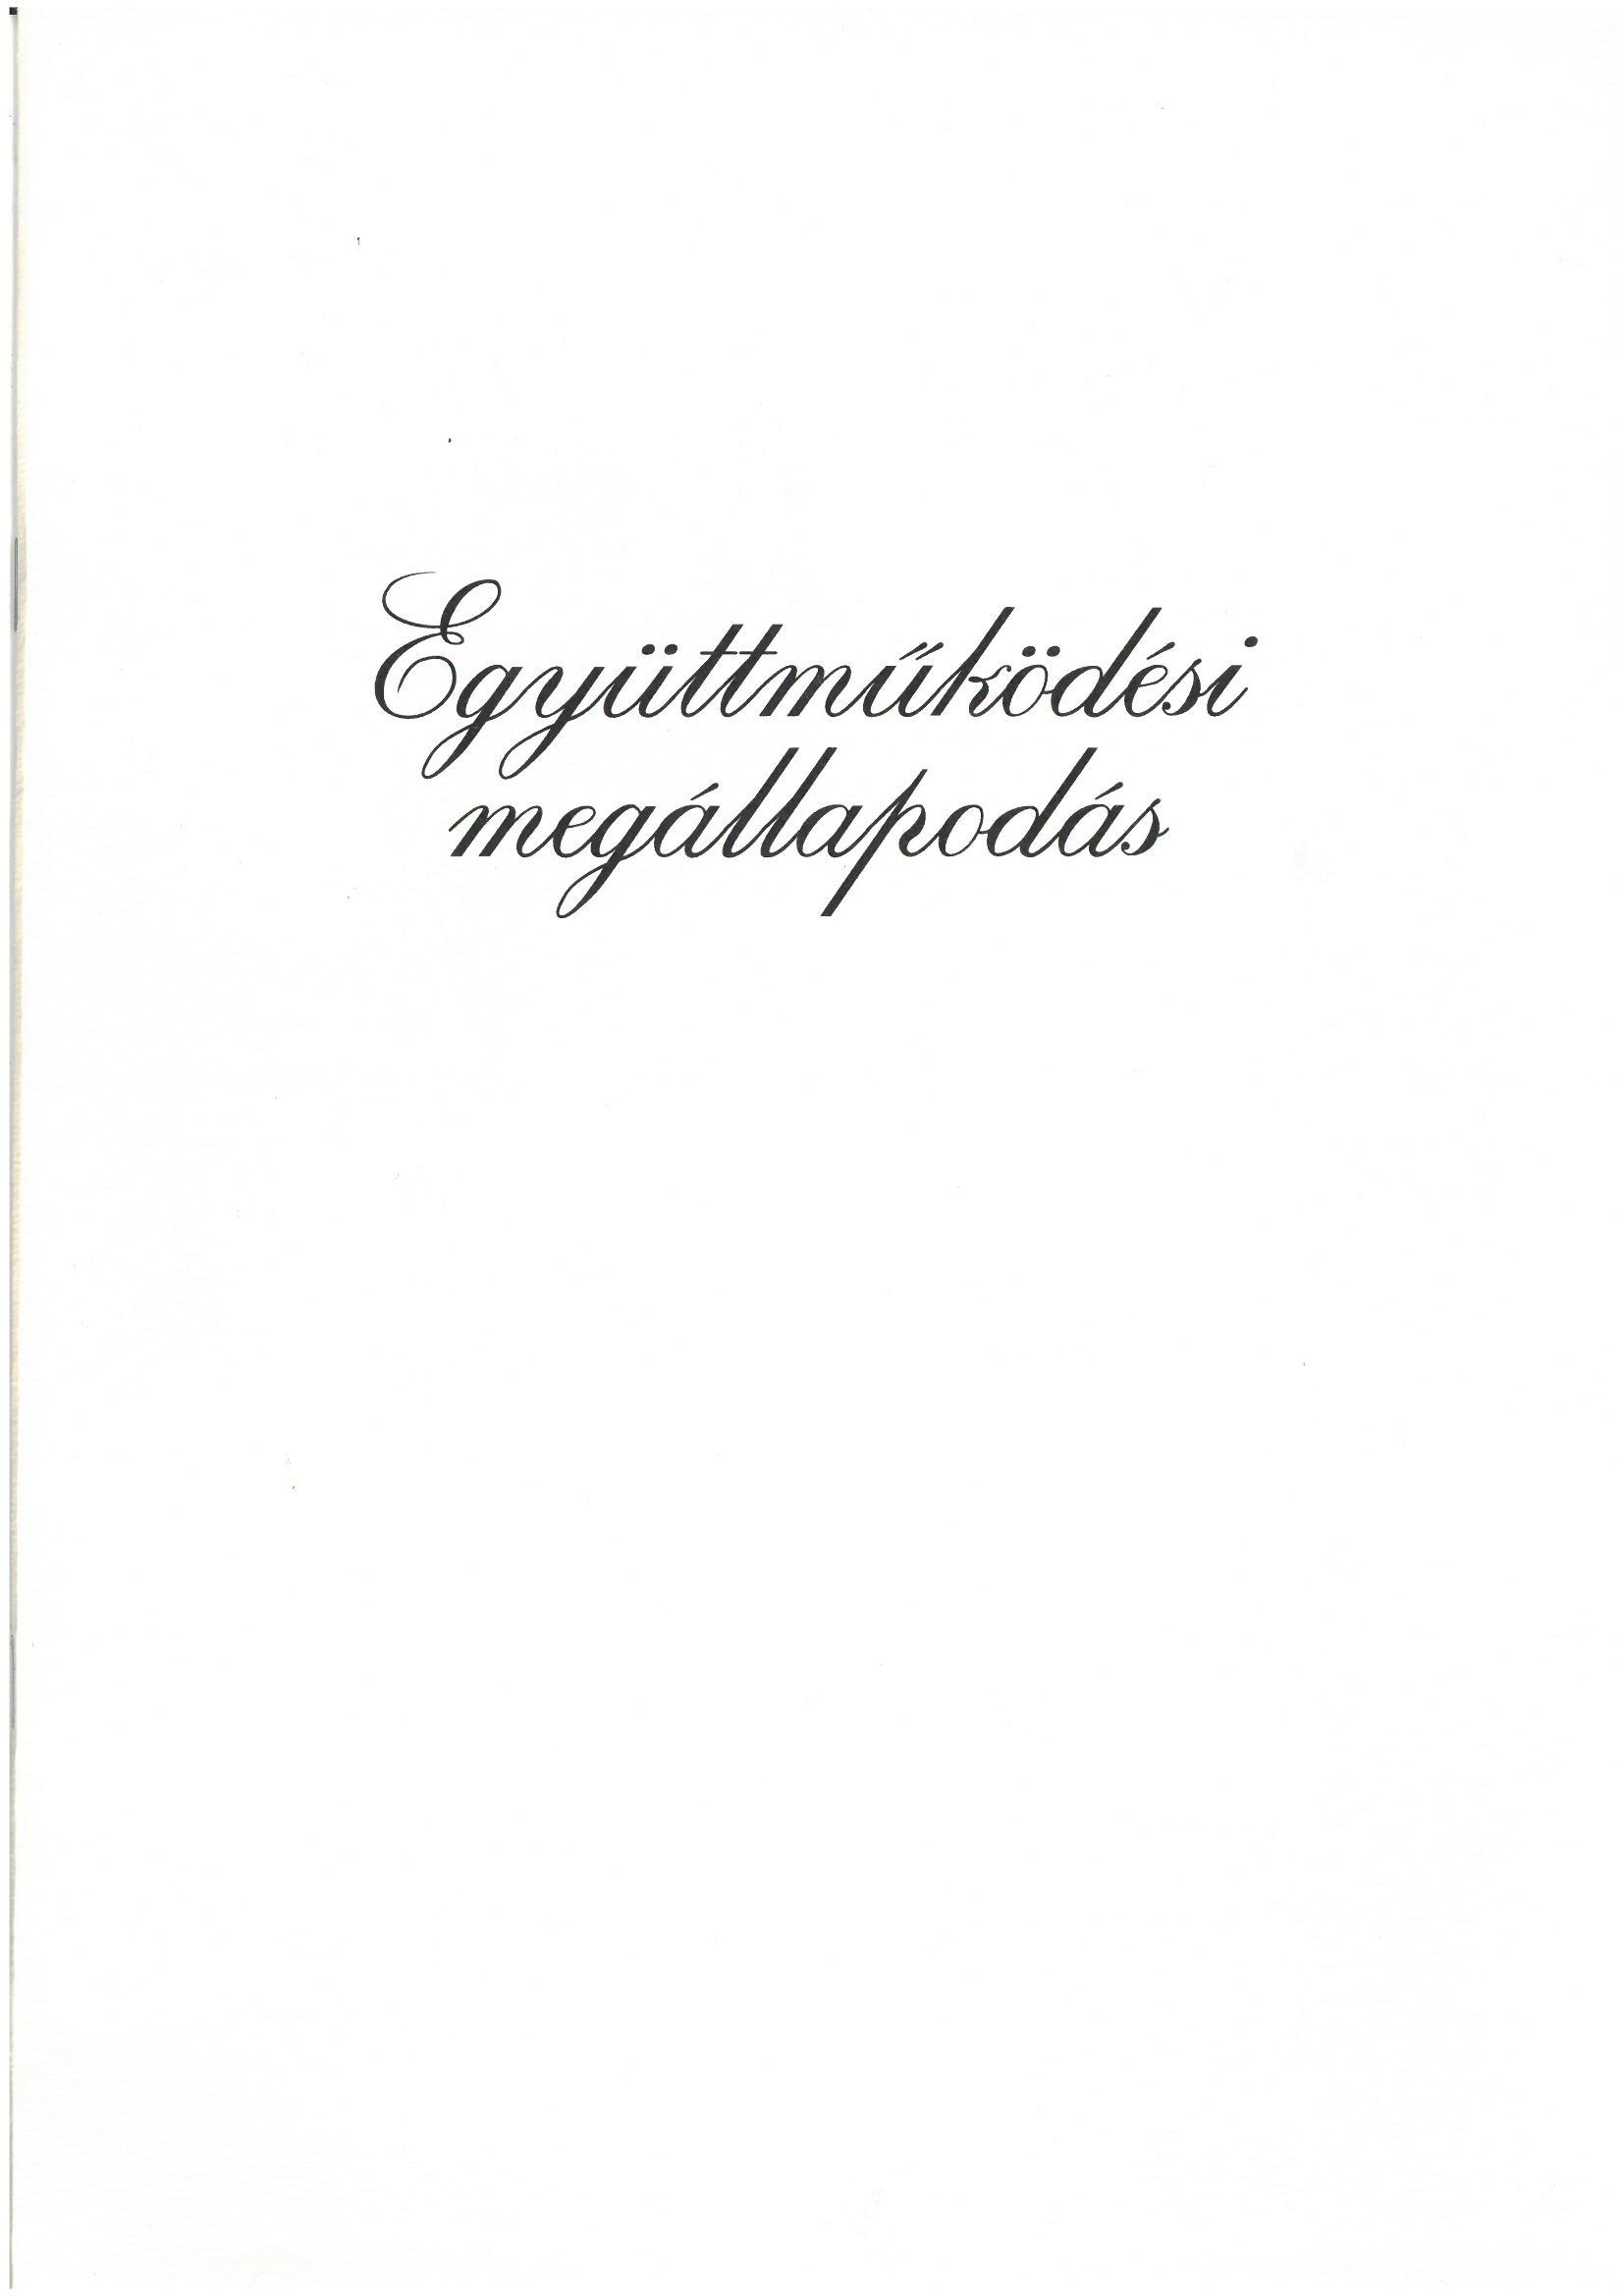 """Együttműködési megállapodás """"Európa Park"""" elnevezésű projekt kidolgozása, létrehozása és működtetése ...Együttműködési megállapodás a résztvevő önkormányzatok """"Európa Parkká """" válásához... : Alsómocsolád, 2009.09.19. Dicső László polgármester Alsómocsolád"""